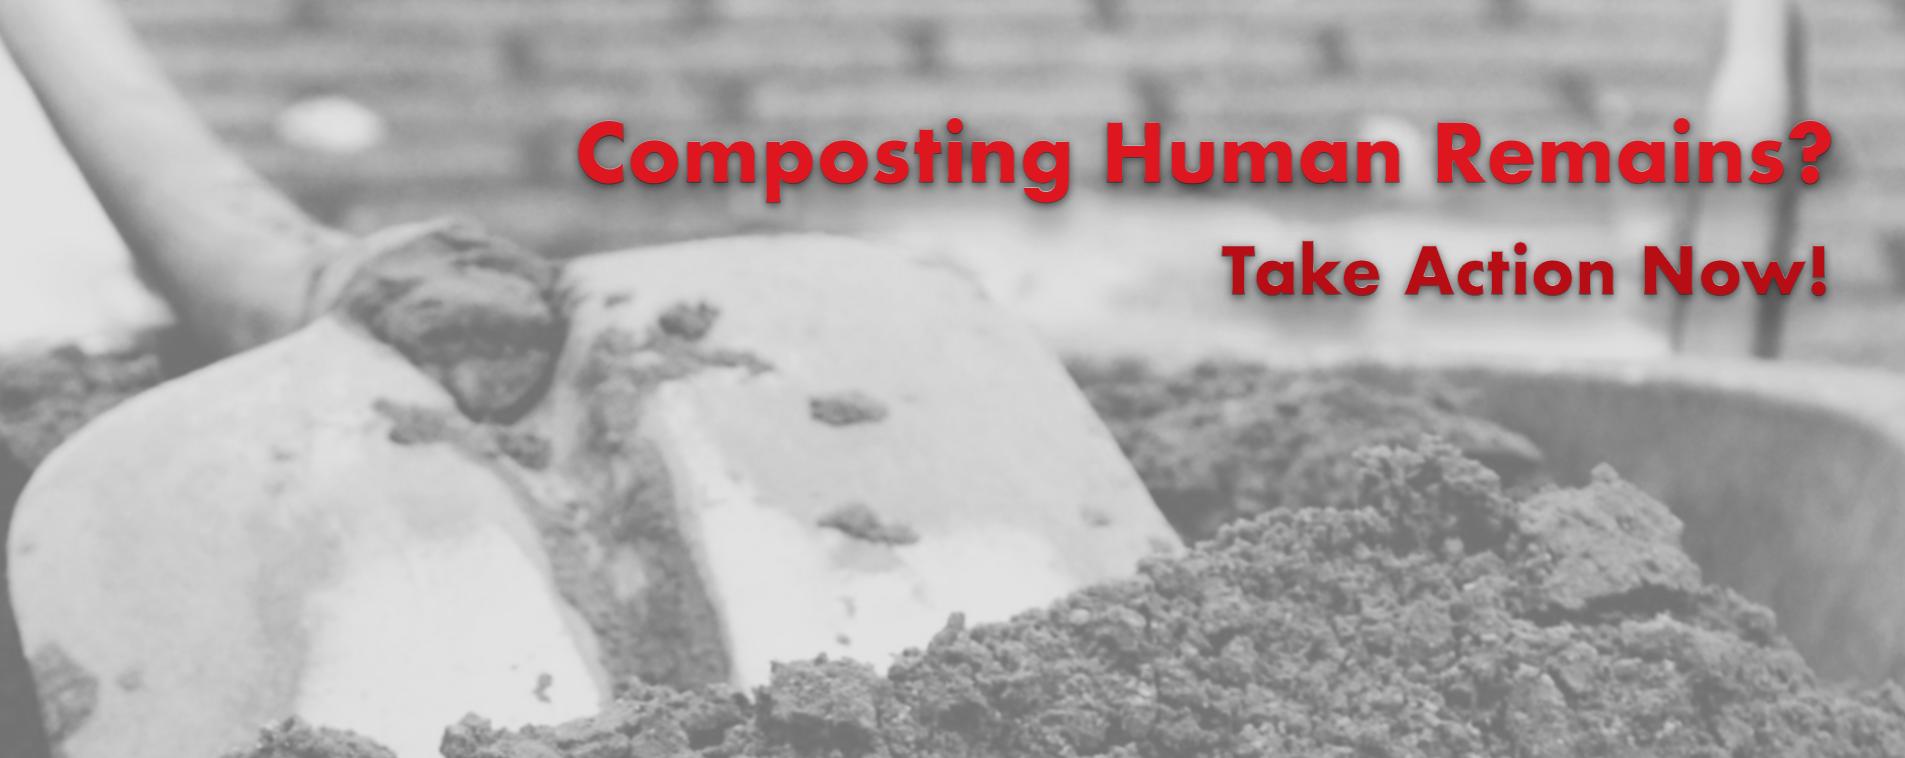 Human Composting Slider